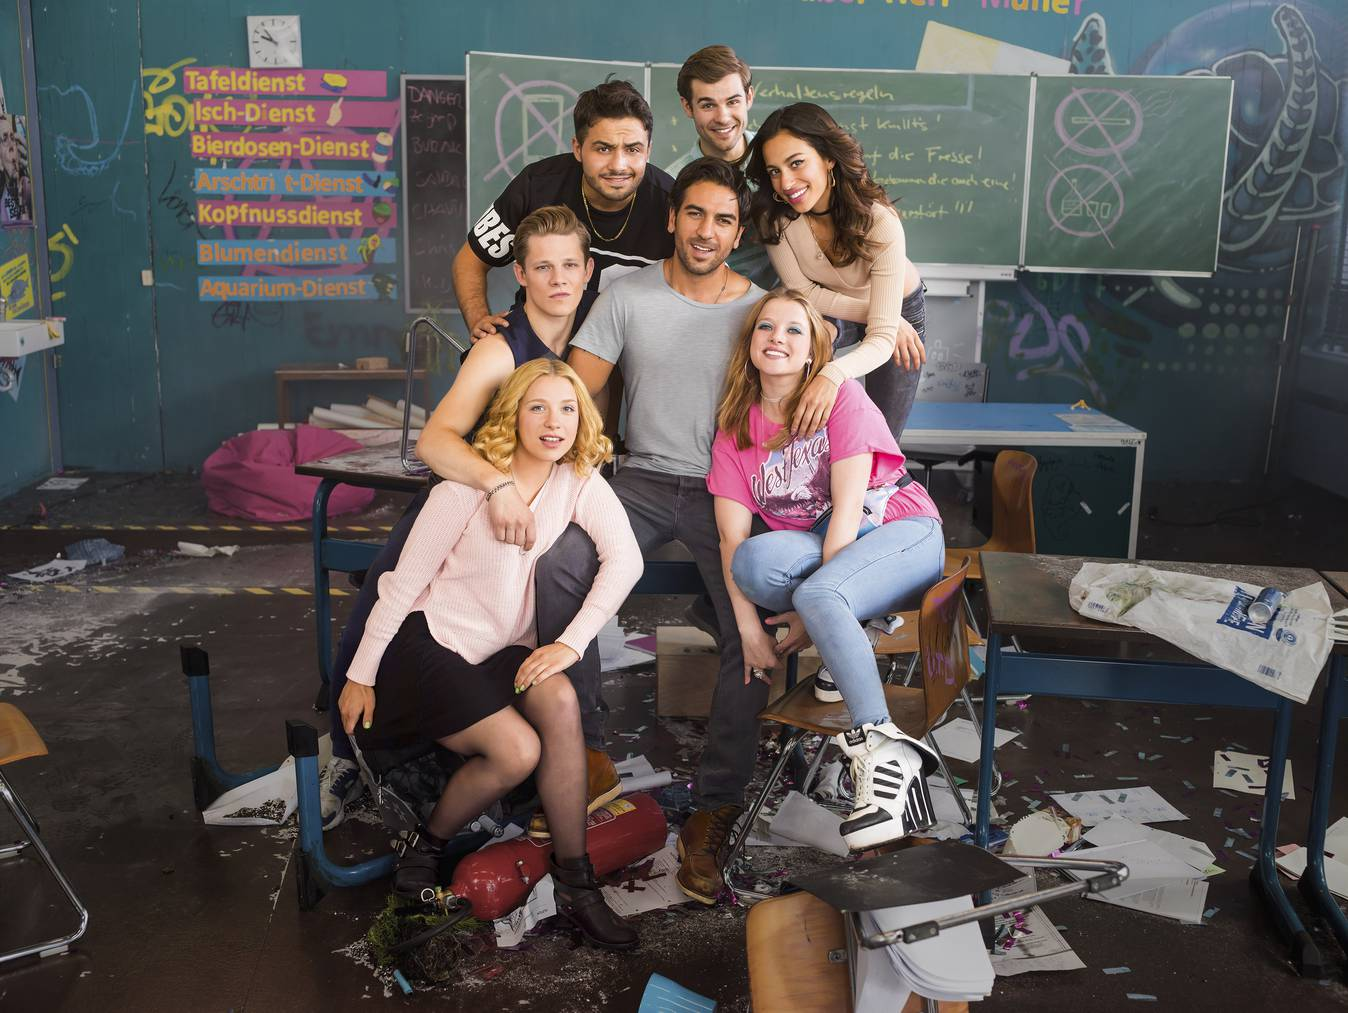 Elyas M'Barek (Mitte) und seine Crew im Film «Fack Ju Göhte 3».